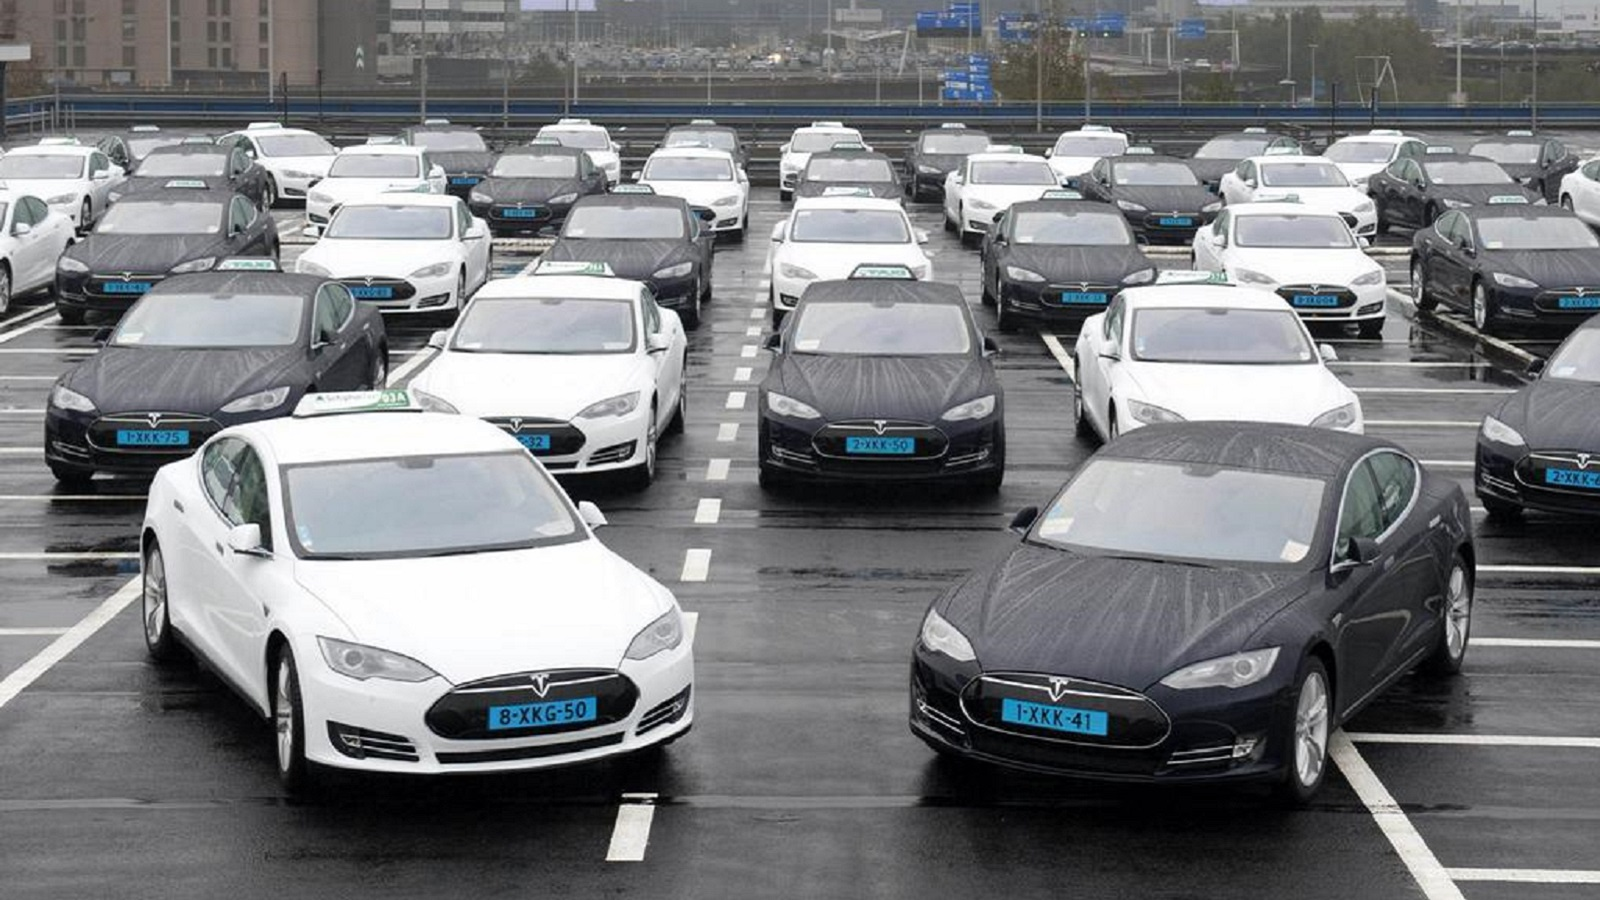 Амстердам будет встречать гостей на Tesla